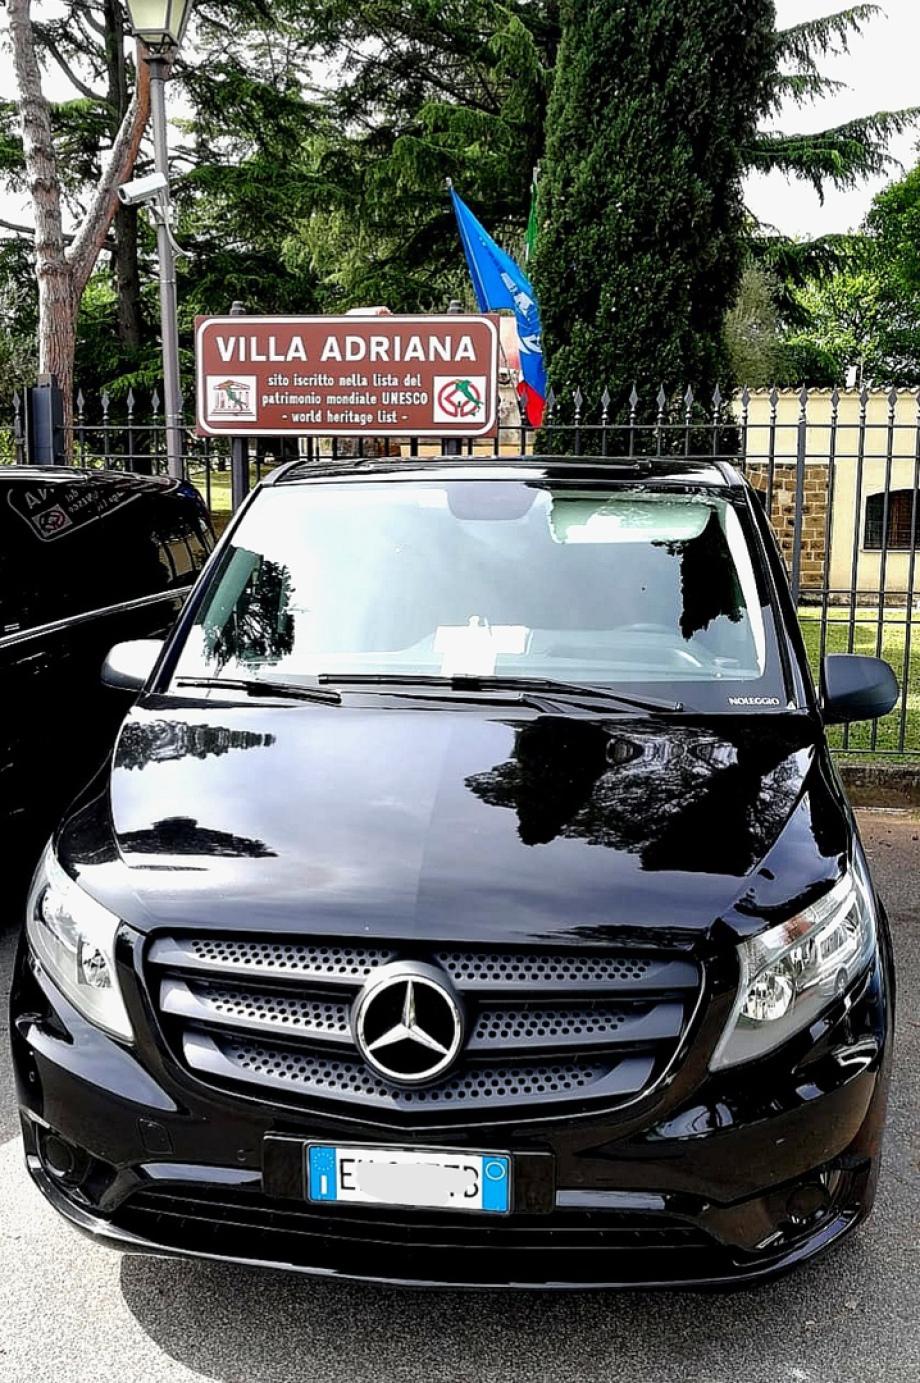 Autonoleggio con conducente, professionalità, fiducia e serietà